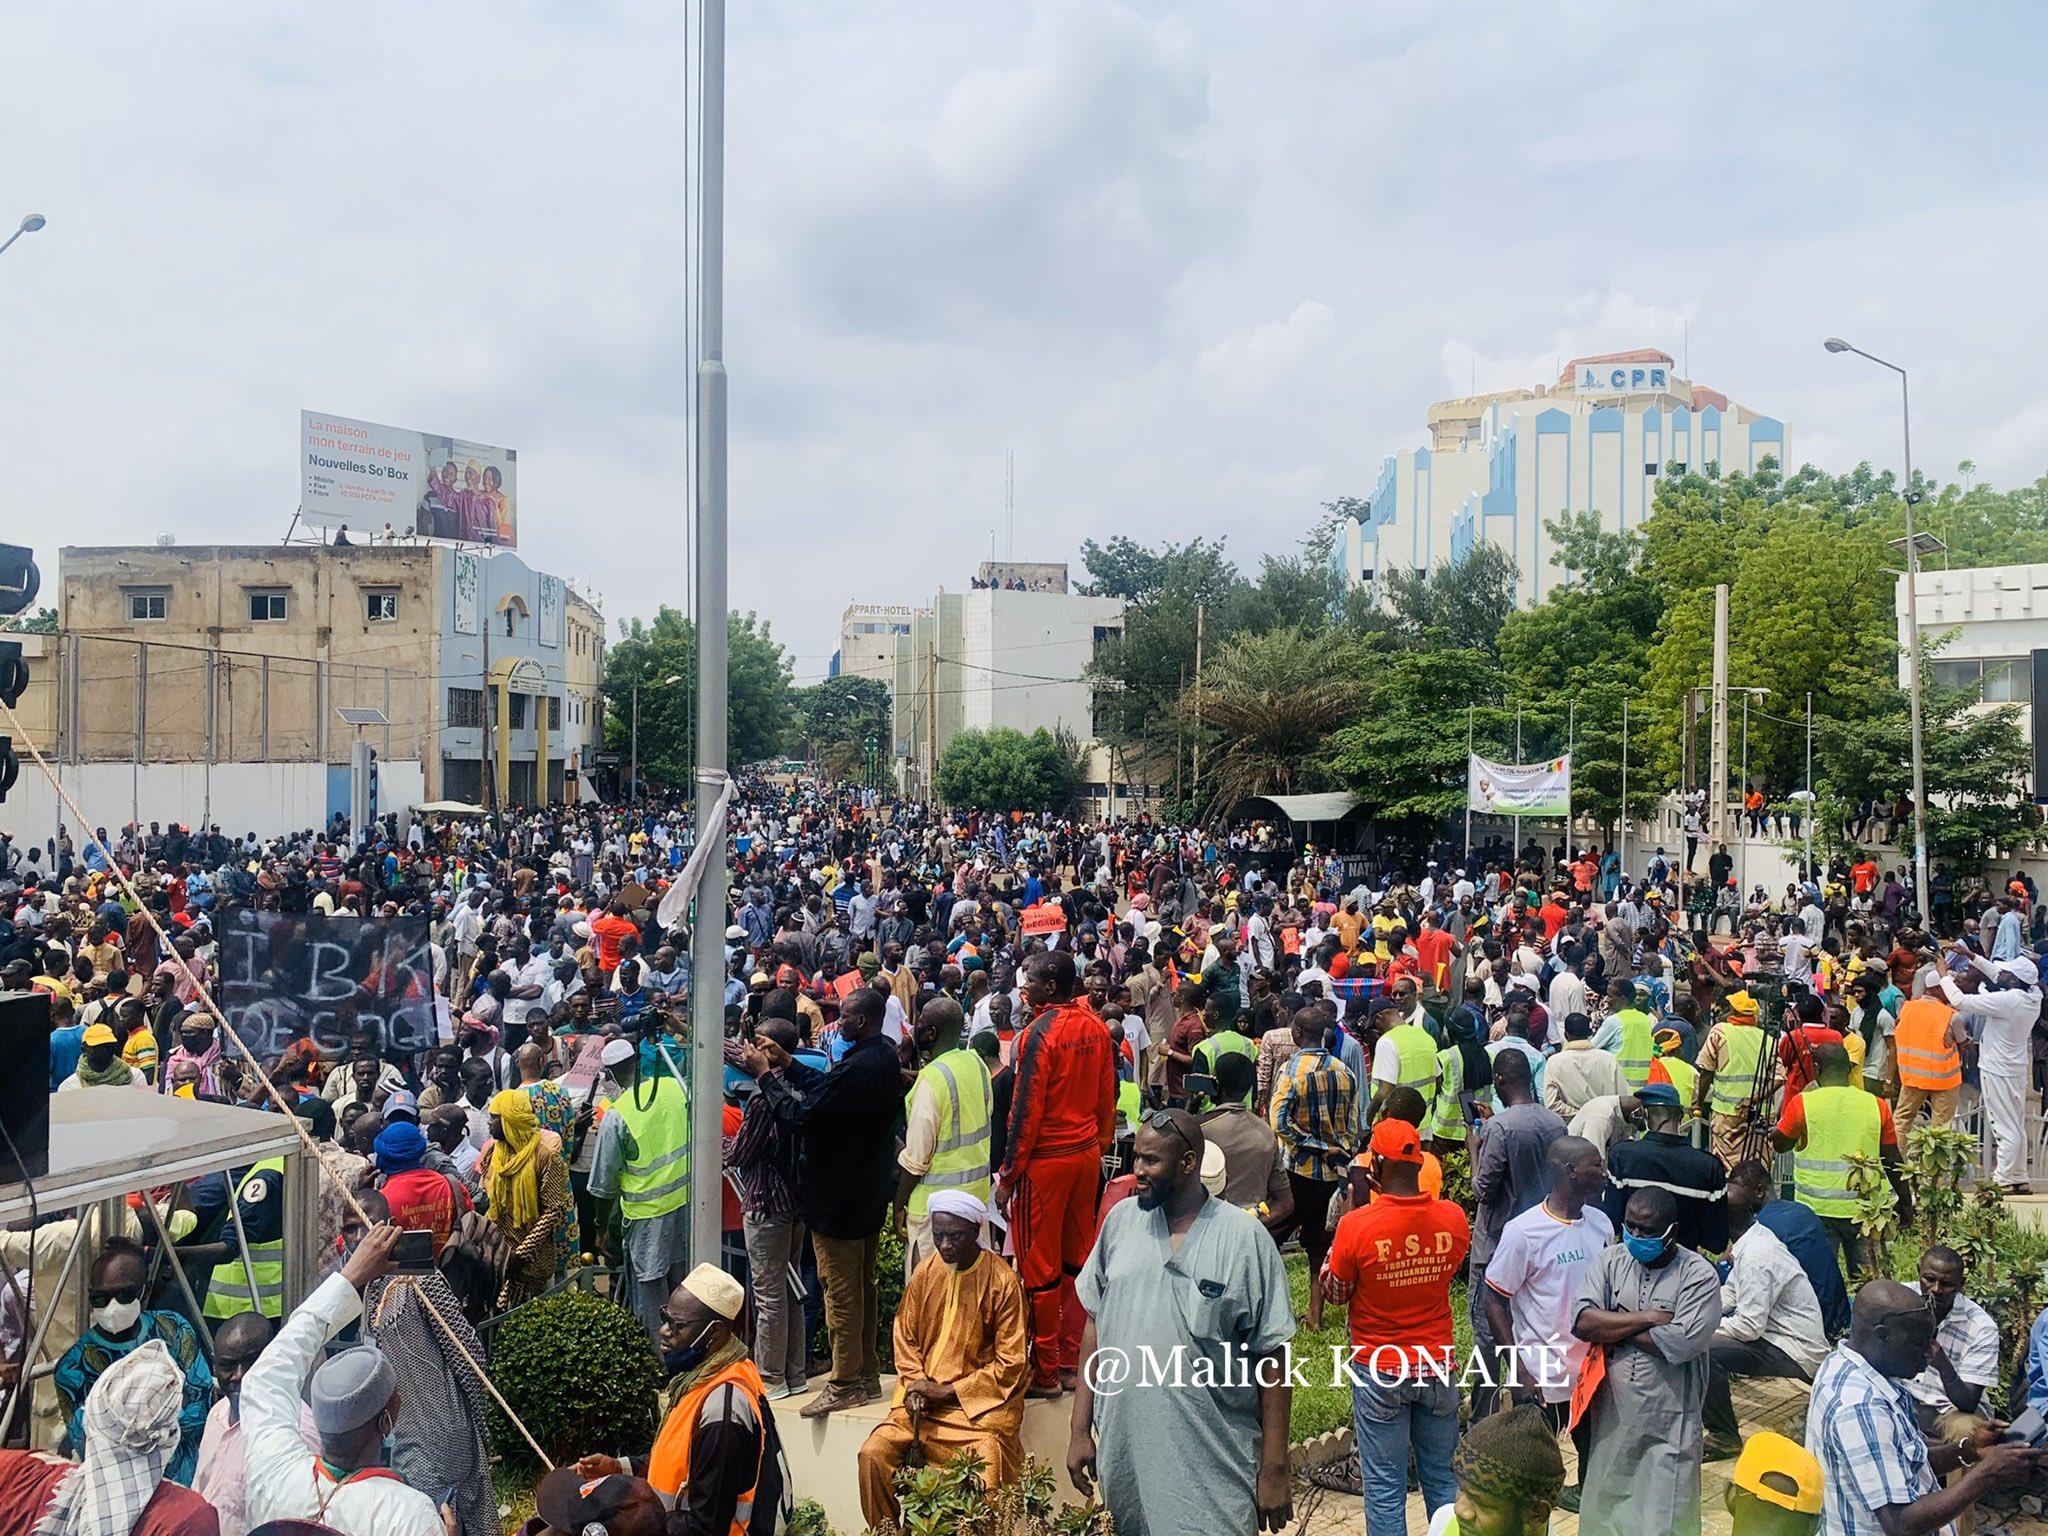 Lors de la manifestation à Bamako, le 10 Juillet 2020, les manifestants veulent le départ du président Ibrahim Boubacar Keïta (IBK) et son régime